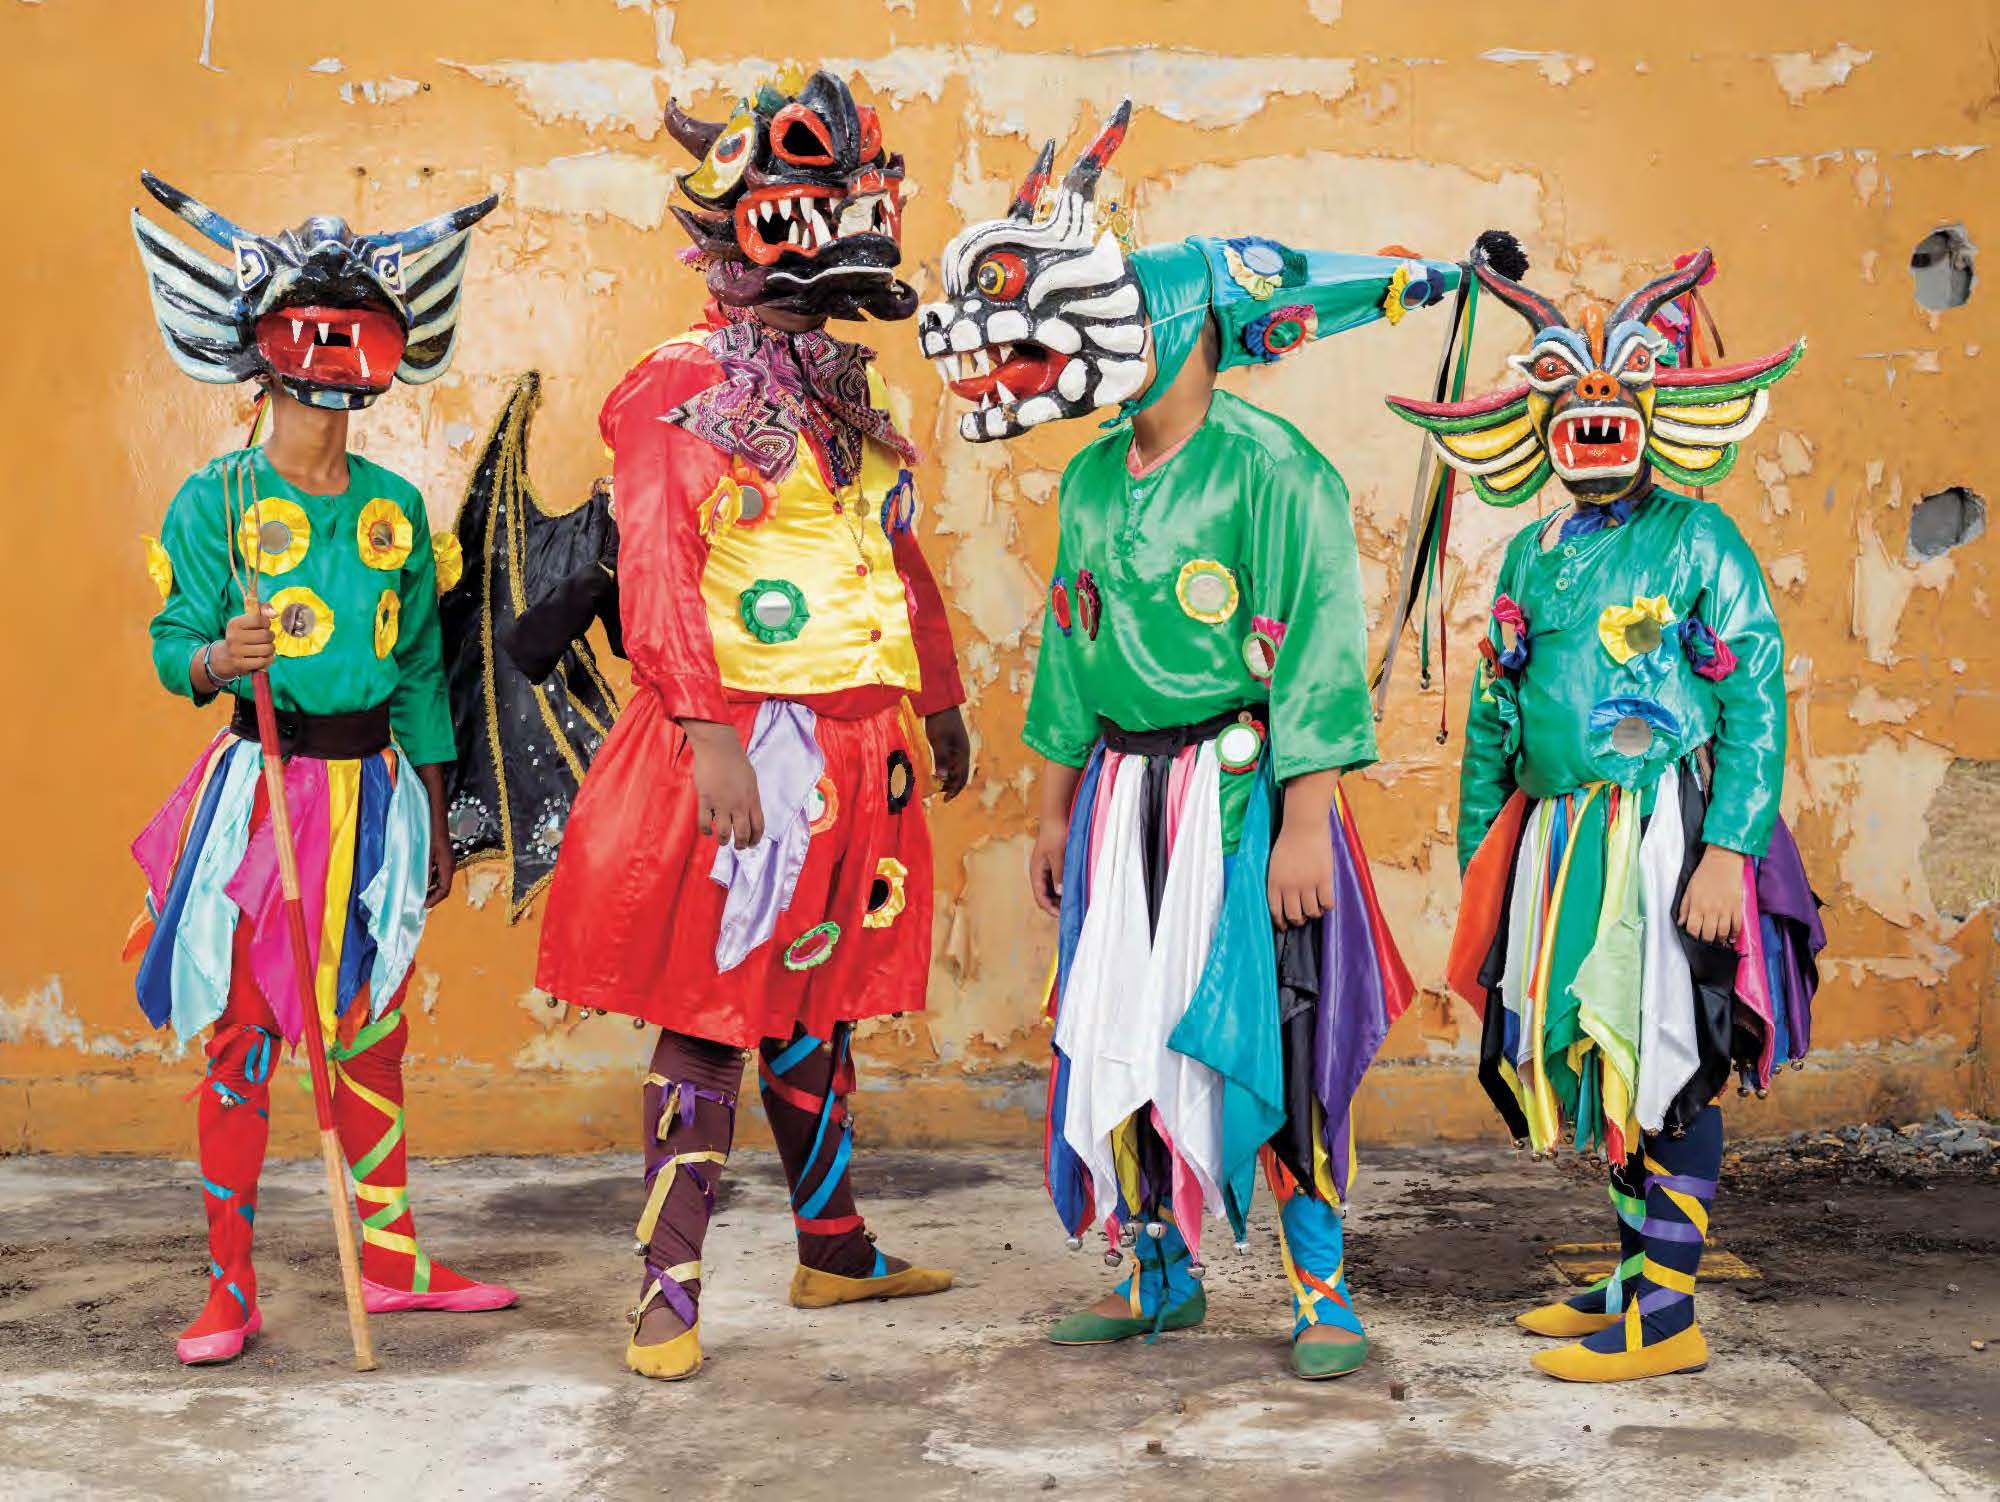 ปานามา, คาร์นิวัล, วัฒนธรรม, แอฟริกัน